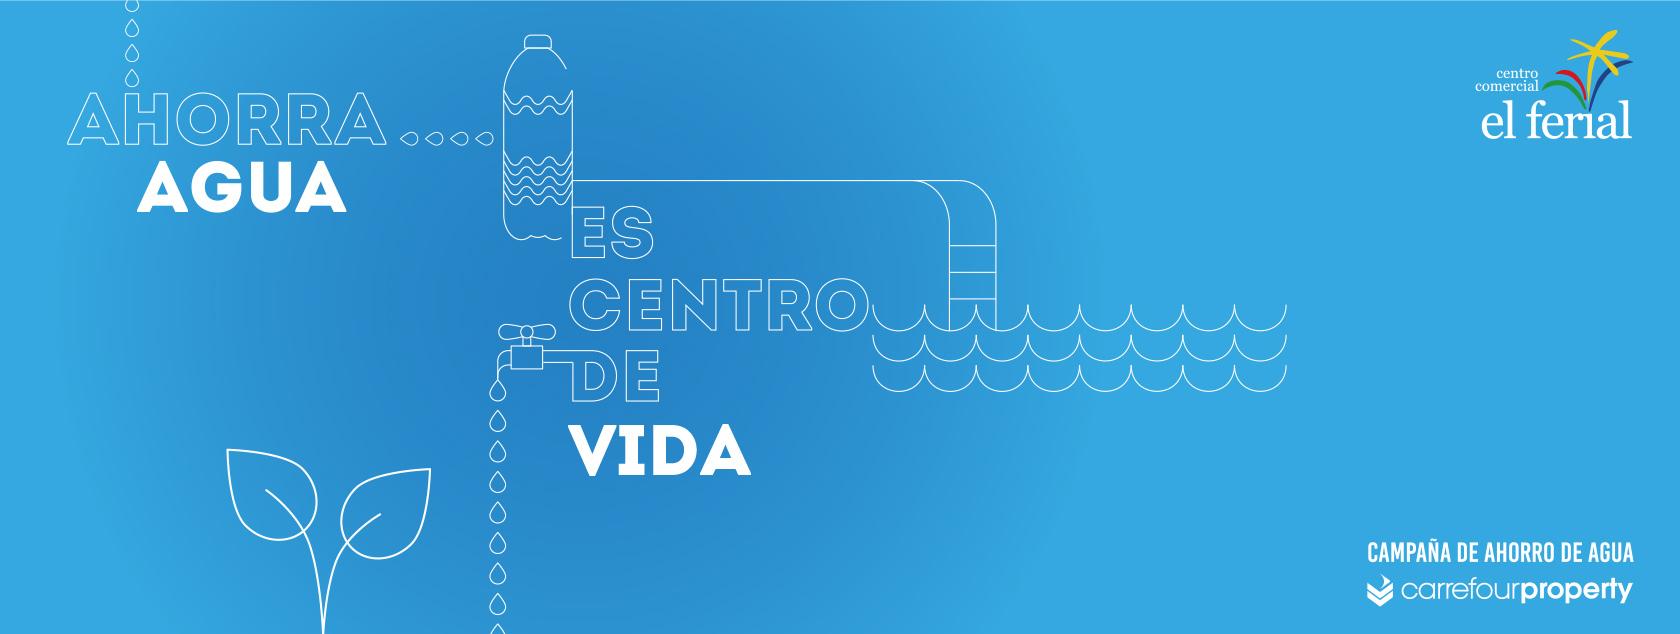 Ahorra agua, es centro de vida